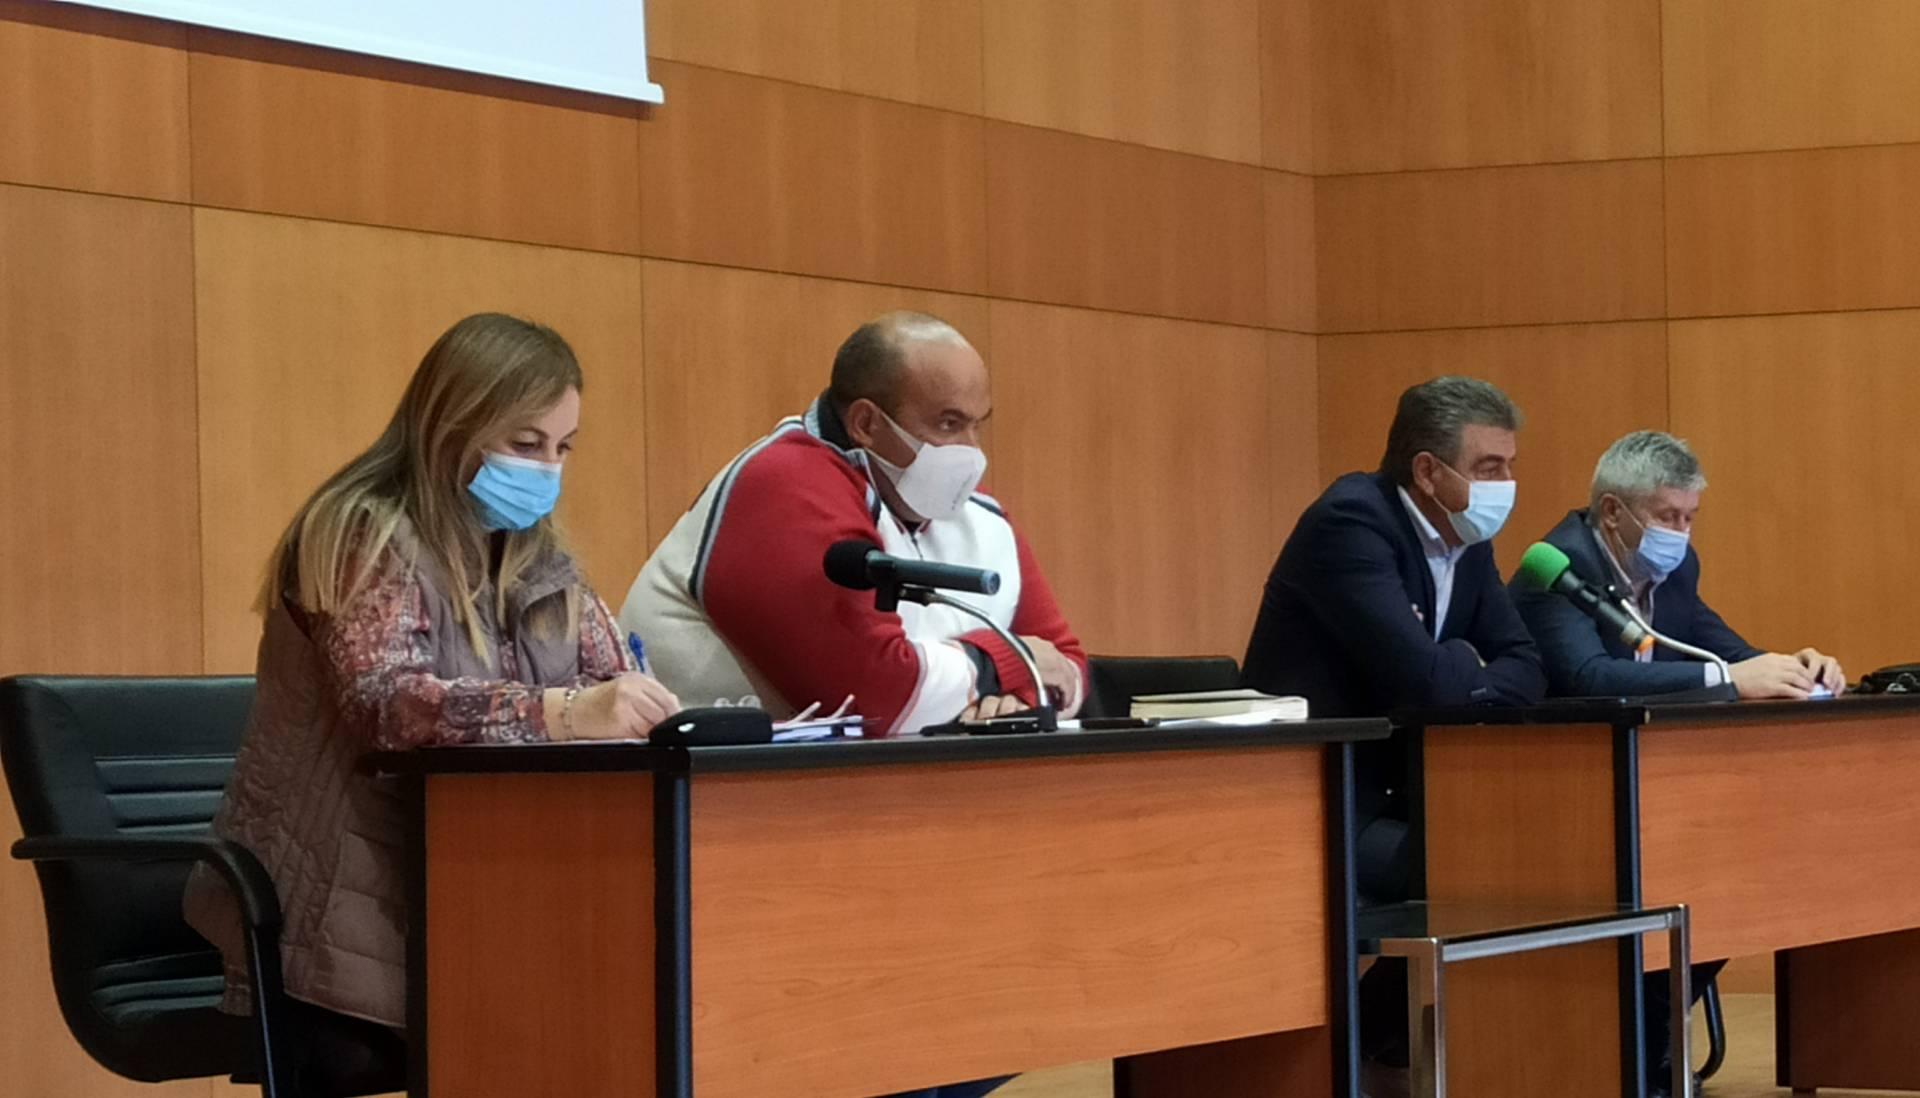 Π.Ε.Γρεβενών: Πραγματοποιήθηκε η συνεδρίαση του Συντονιστικού Οργάνου Πολιτικής Προστασίας